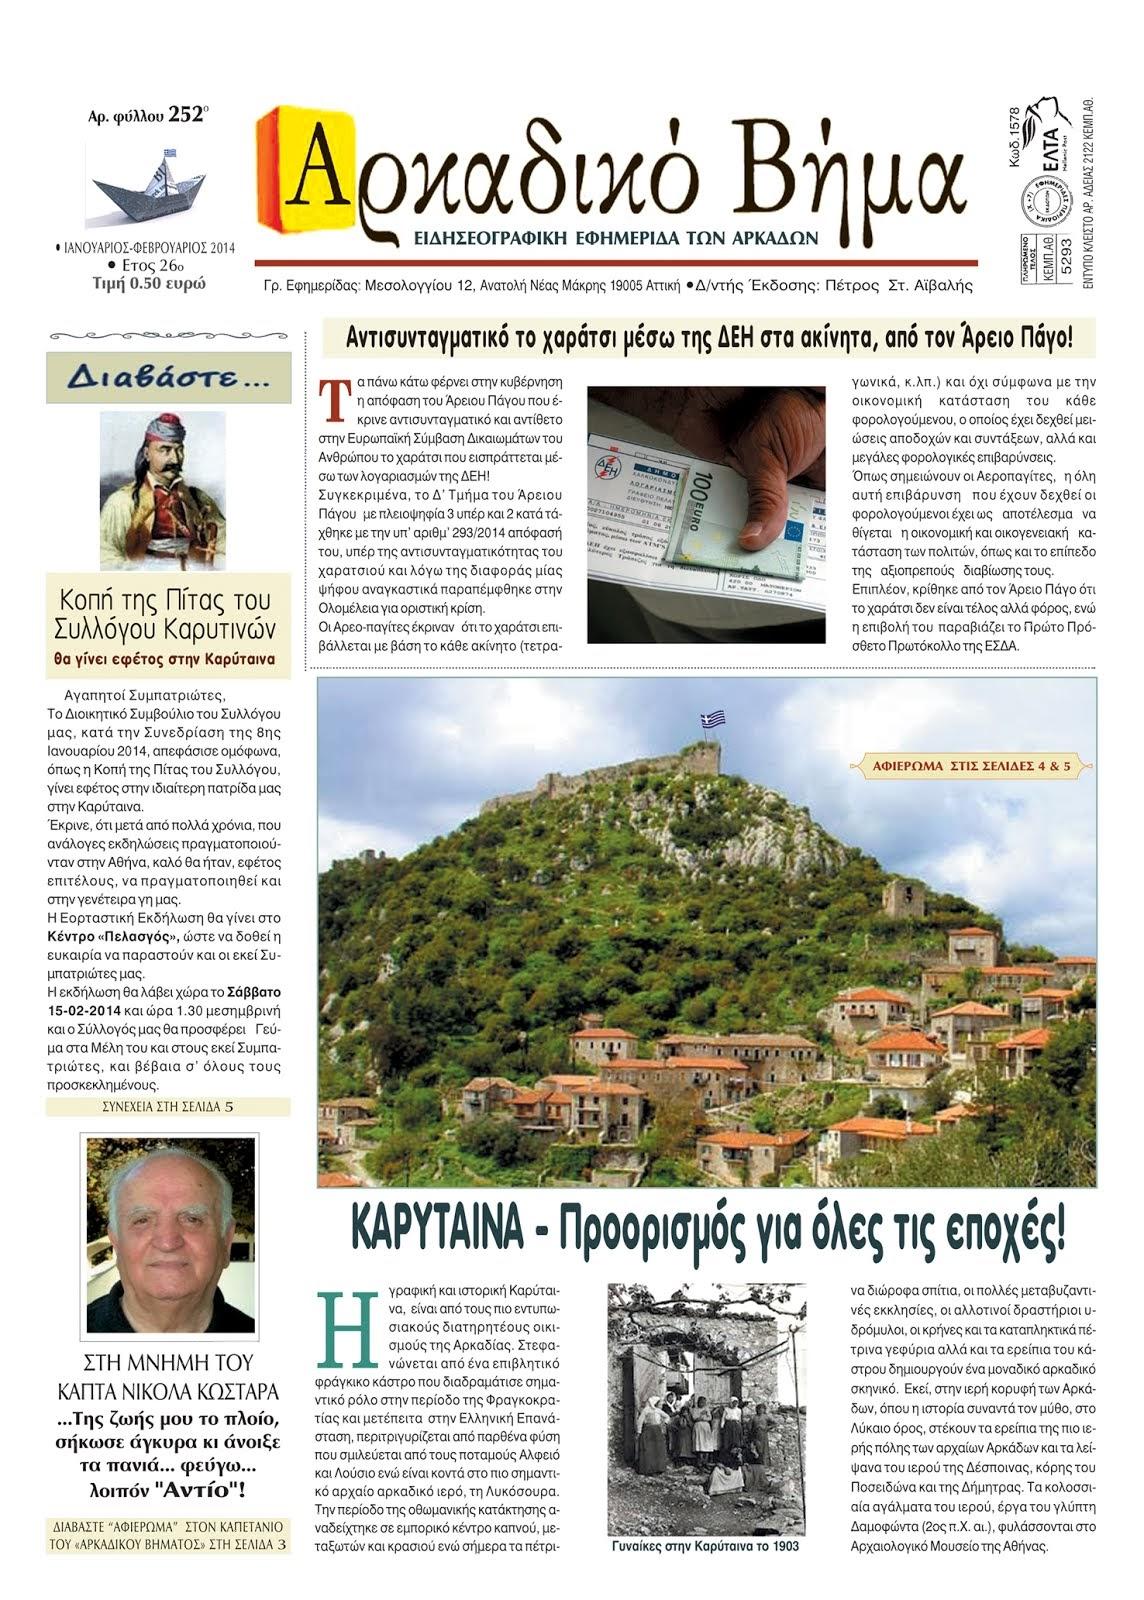 ΑΡΚΑΔΙΚΟ ΒΗΜΑ - ΑΝΤΙΟ ΣΤΟΝ ΚΑΠΤΑΝ-ΝΙΚΟΛΑ